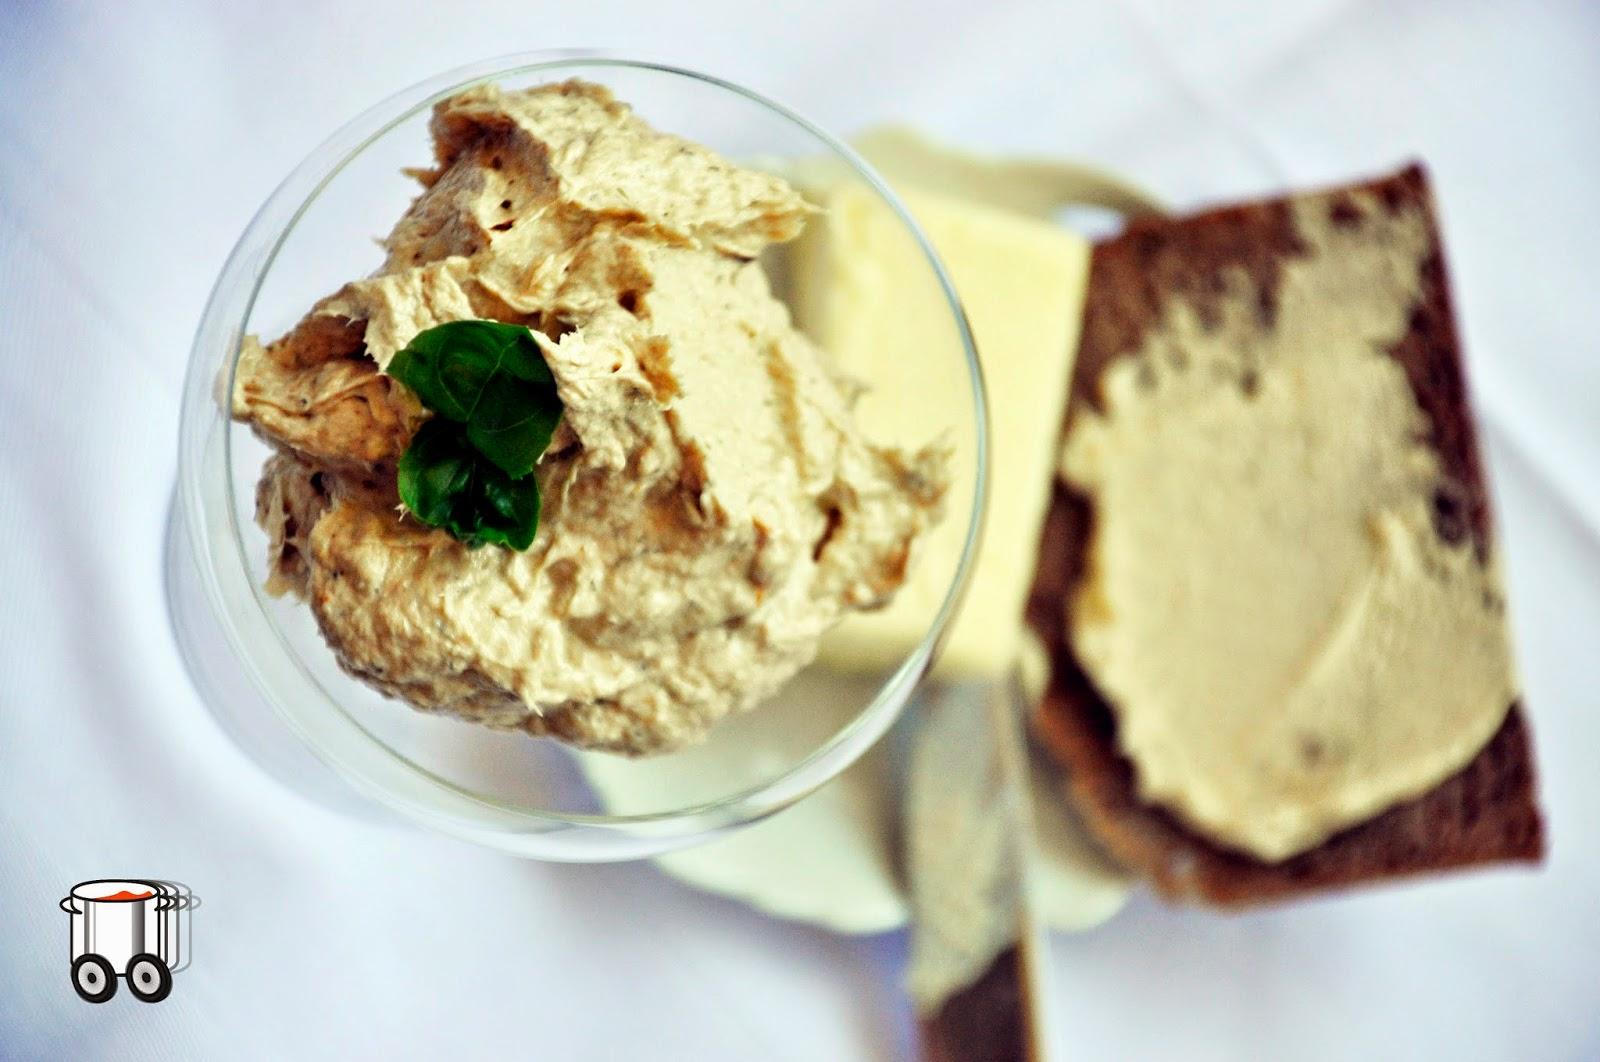 Szybko Tanio Smacznie - Pasta kanapkowa z makreli